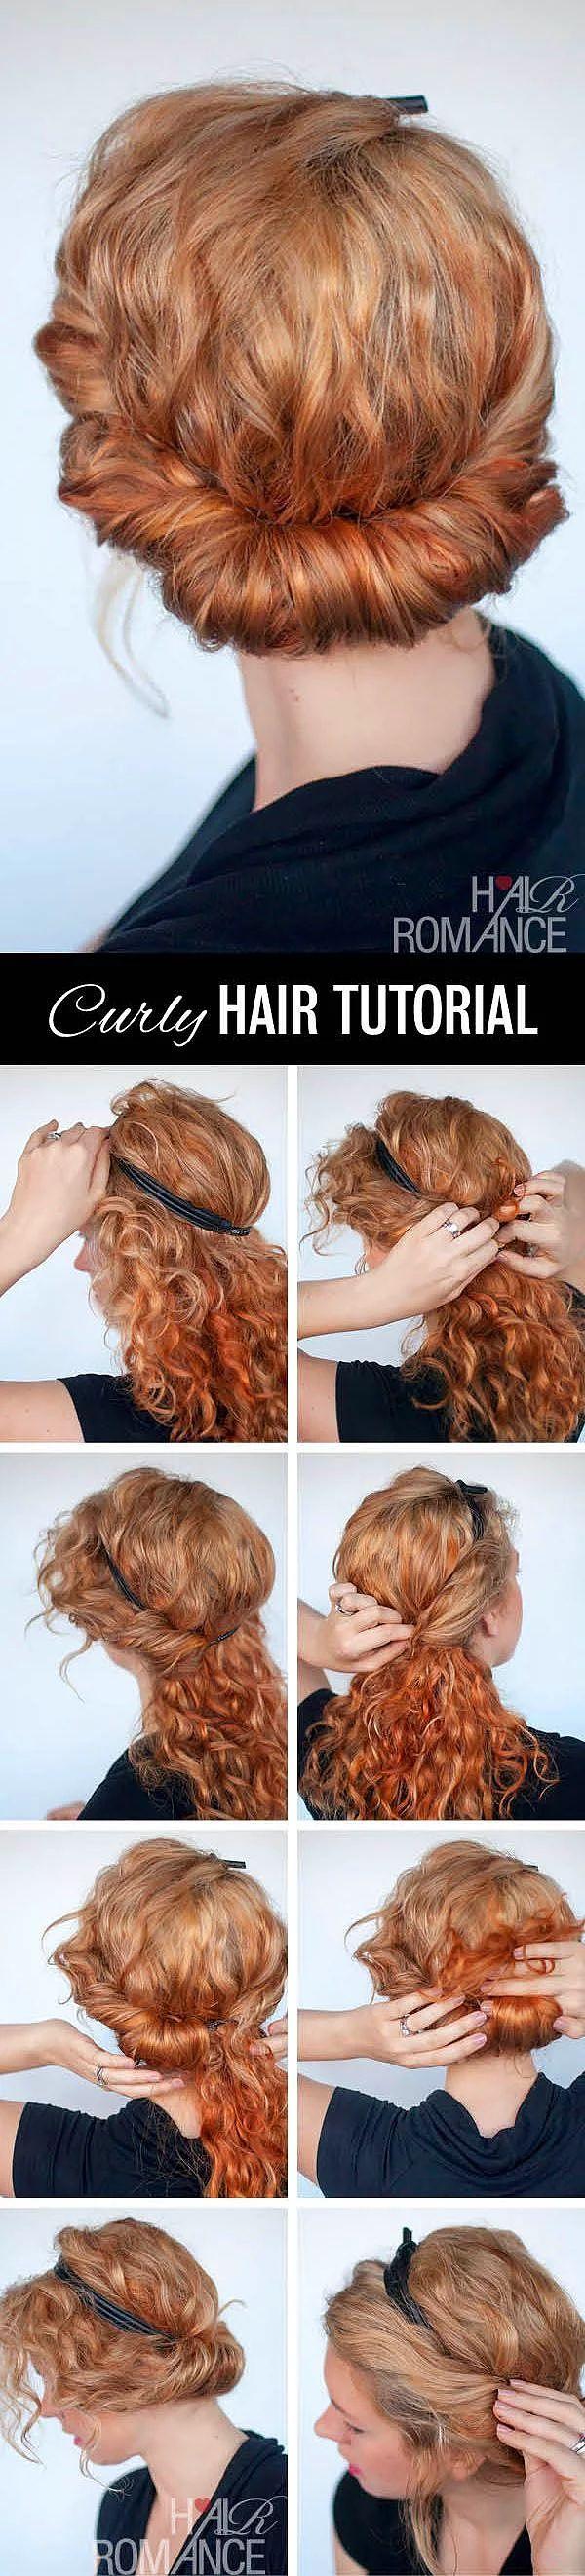 Прически вьющиеся волосы каждый день